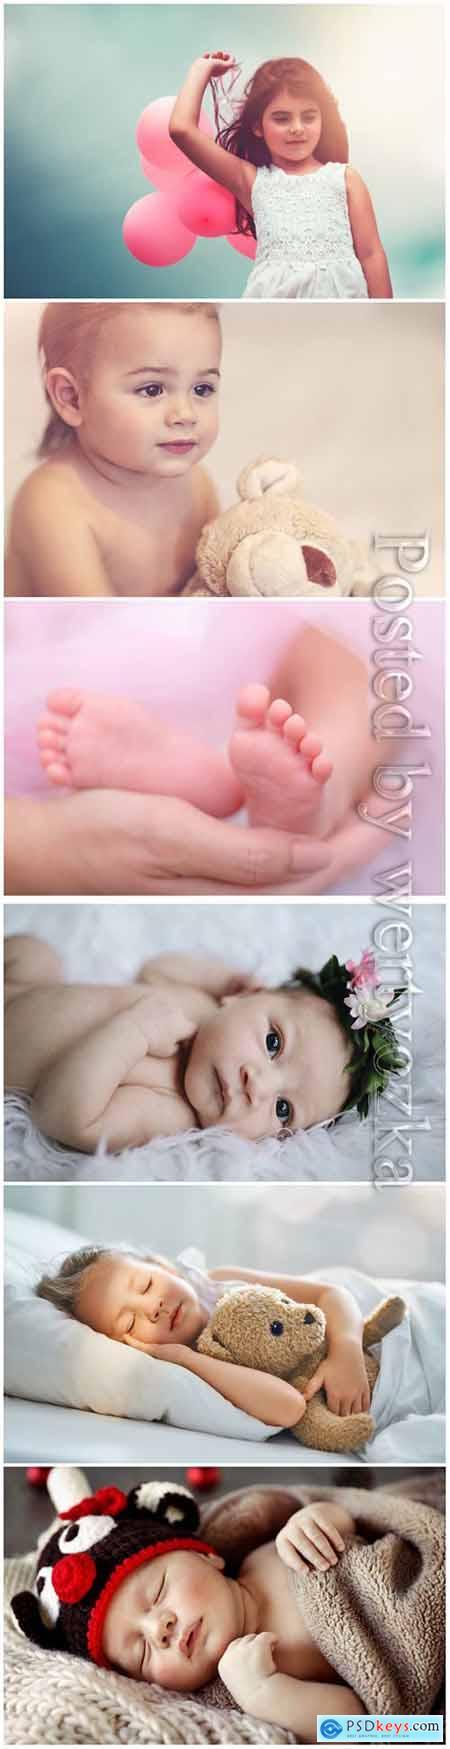 Child beautiful stock photo